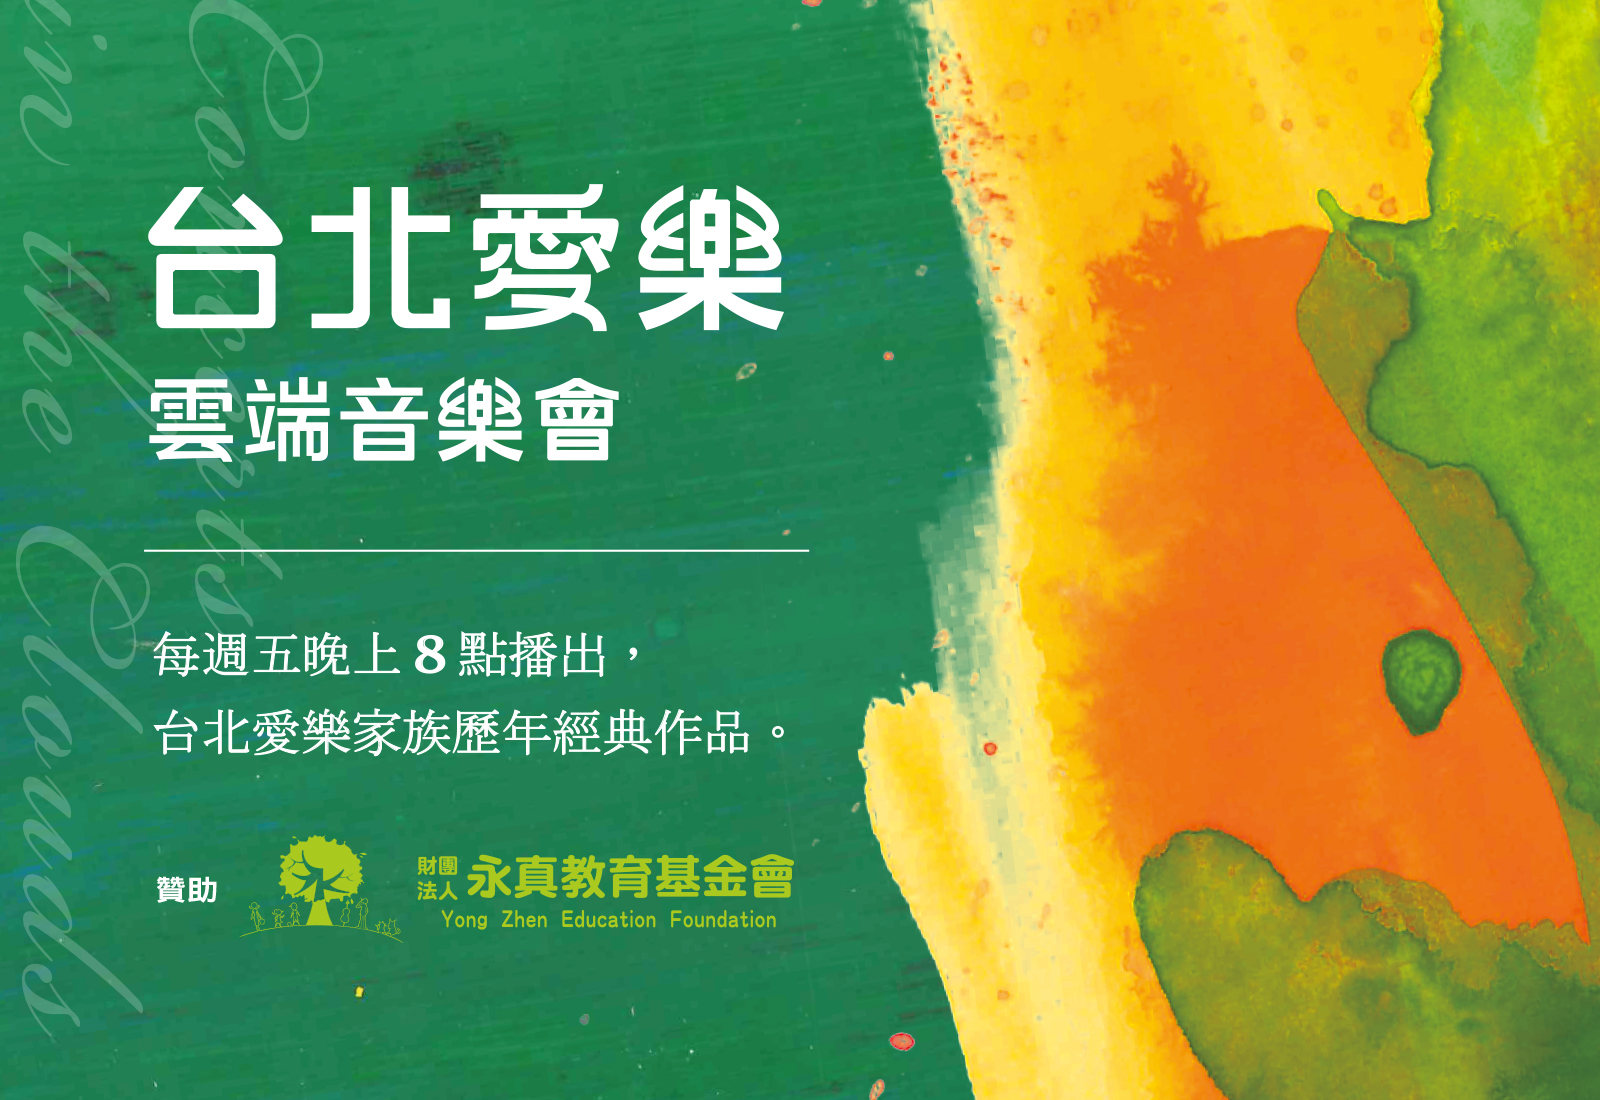 2021台北愛樂雲端音樂會 7/2起每周五晚間8點與您線上相見